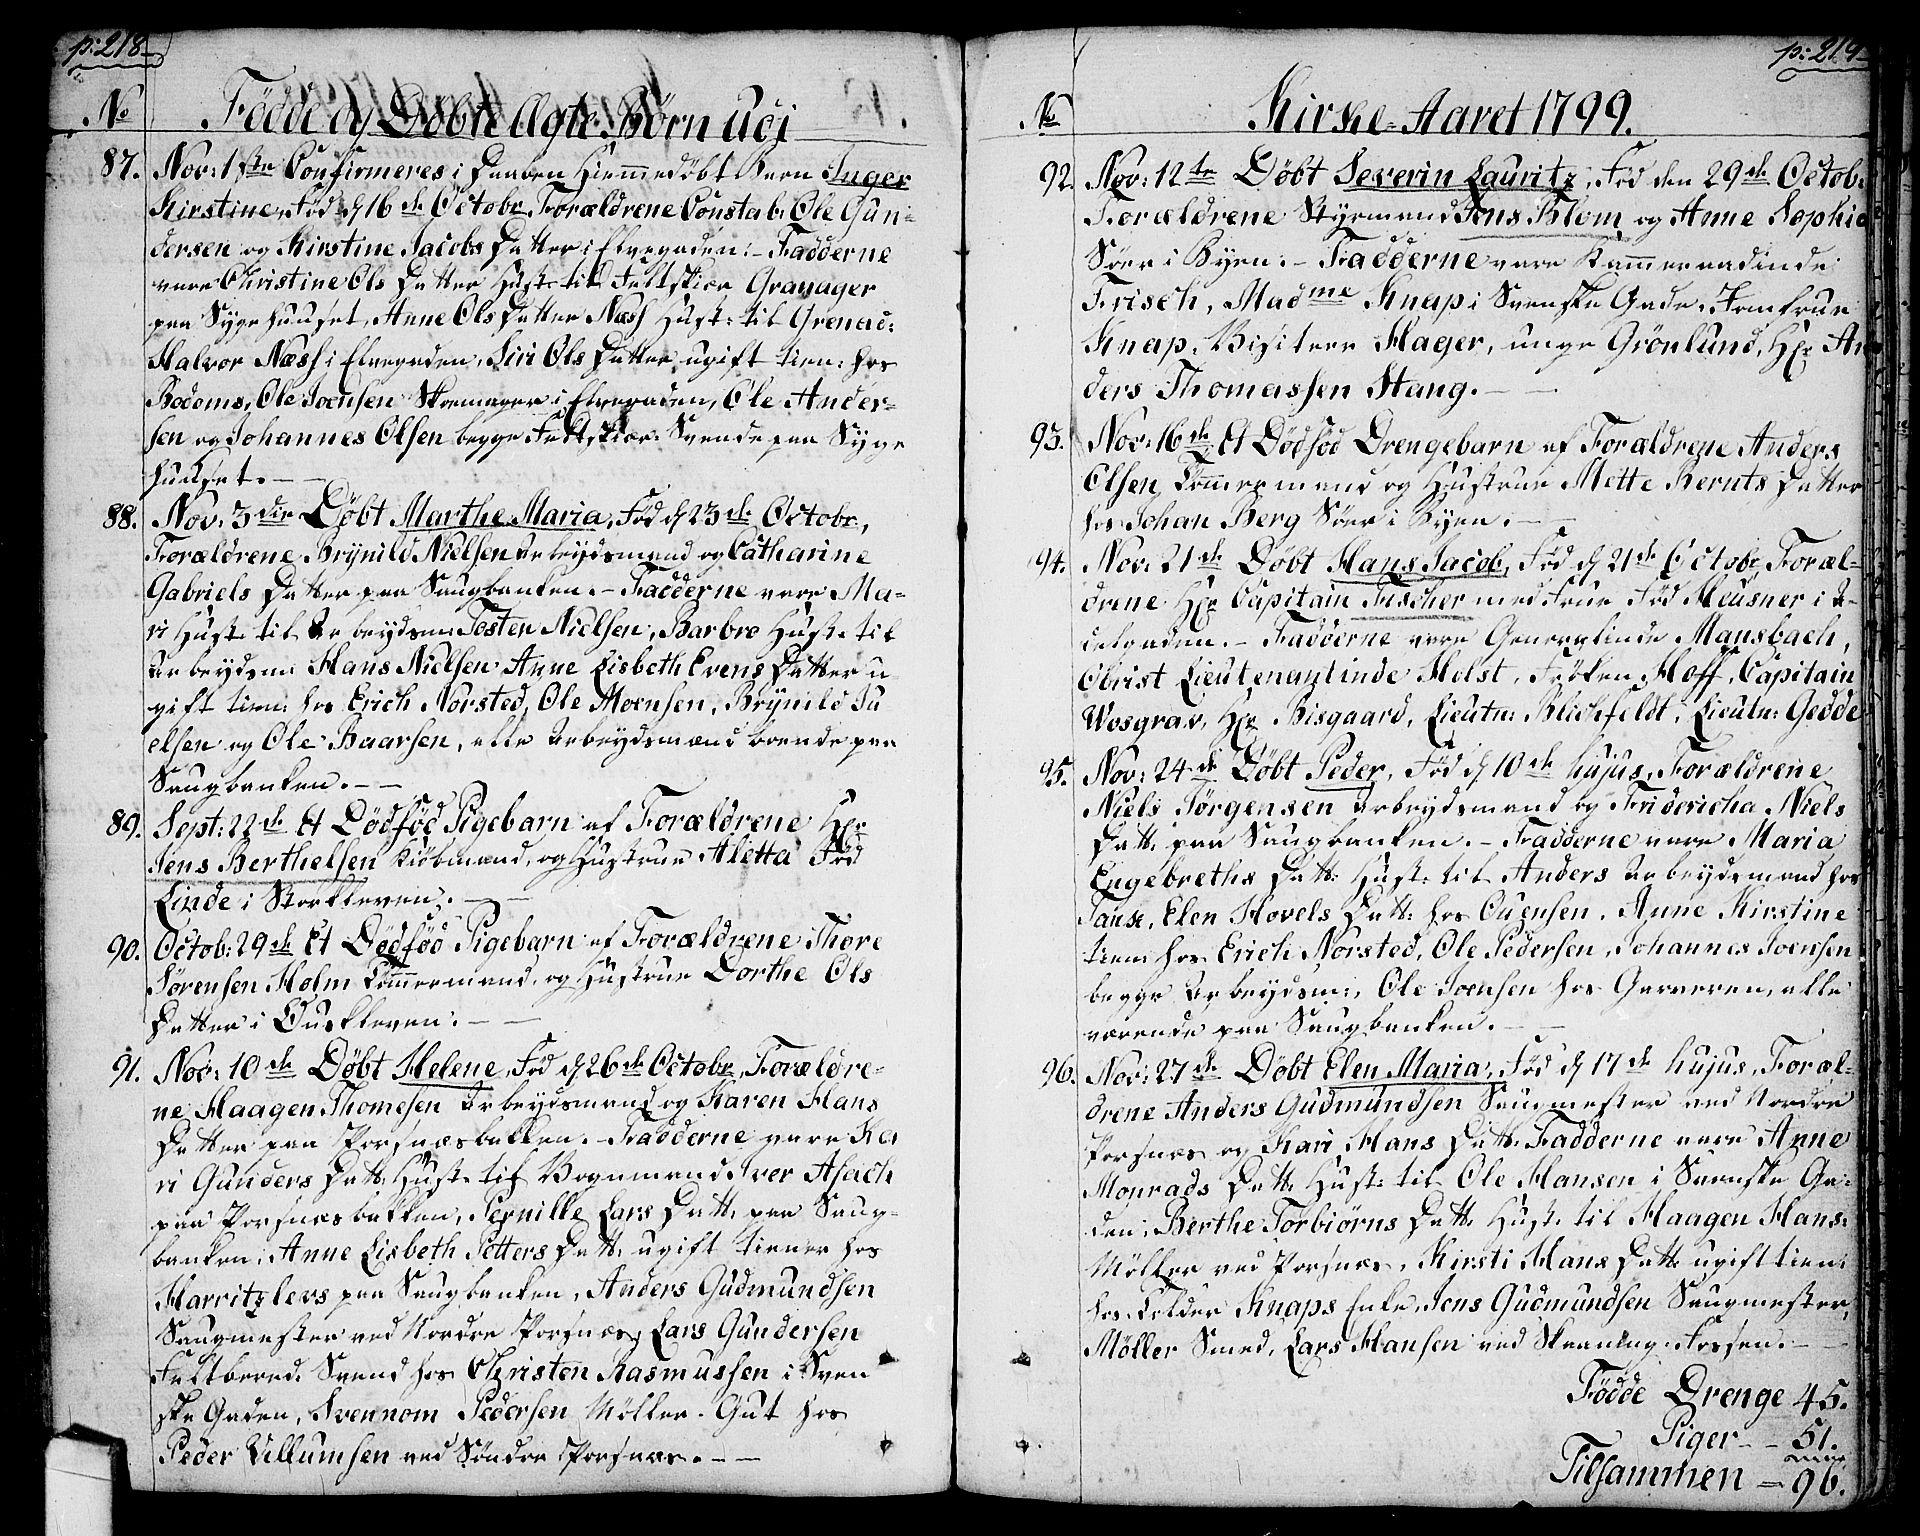 SAO, Halden prestekontor Kirkebøker, F/Fa/L0002: Ministerialbok nr. I 2, 1792-1812, s. 218-219